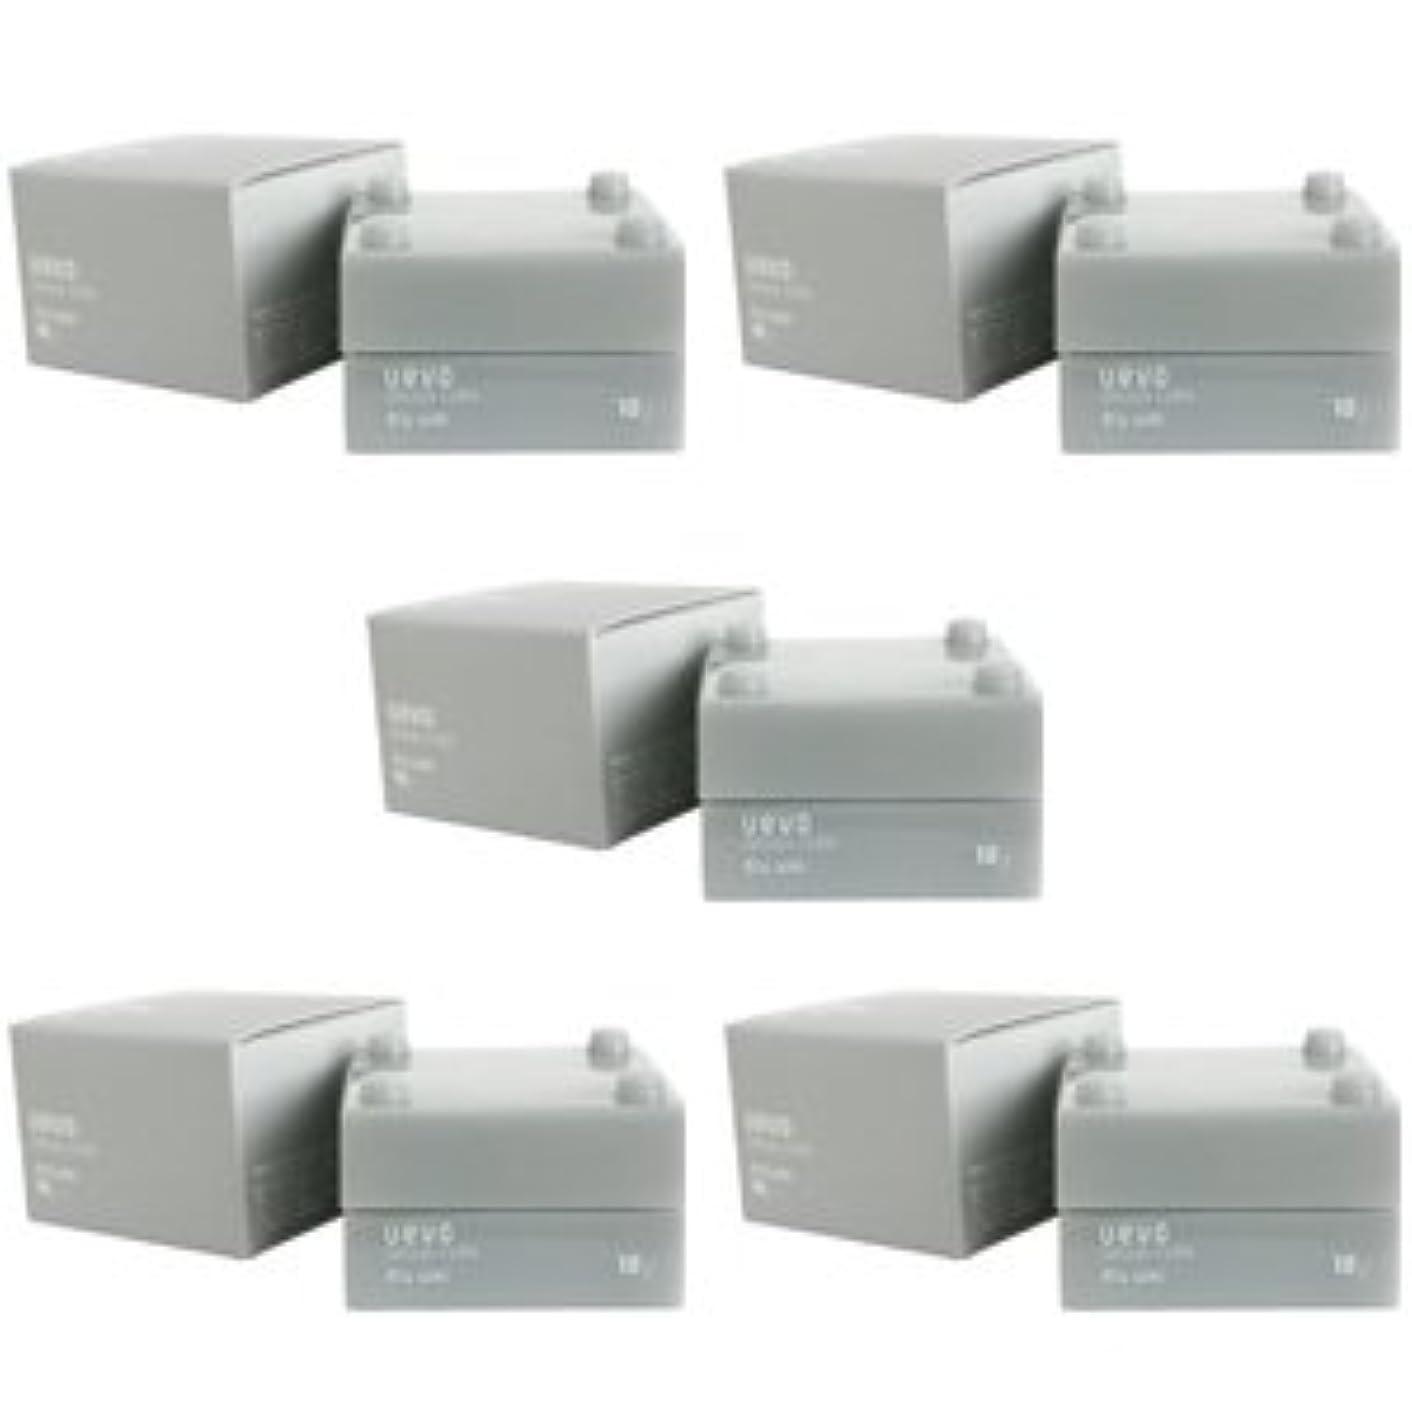 高度な通信網セメント【X5個セット】 デミ ウェーボ デザインキューブ ドライワックス 30g dry wax DEMI uevo design cube